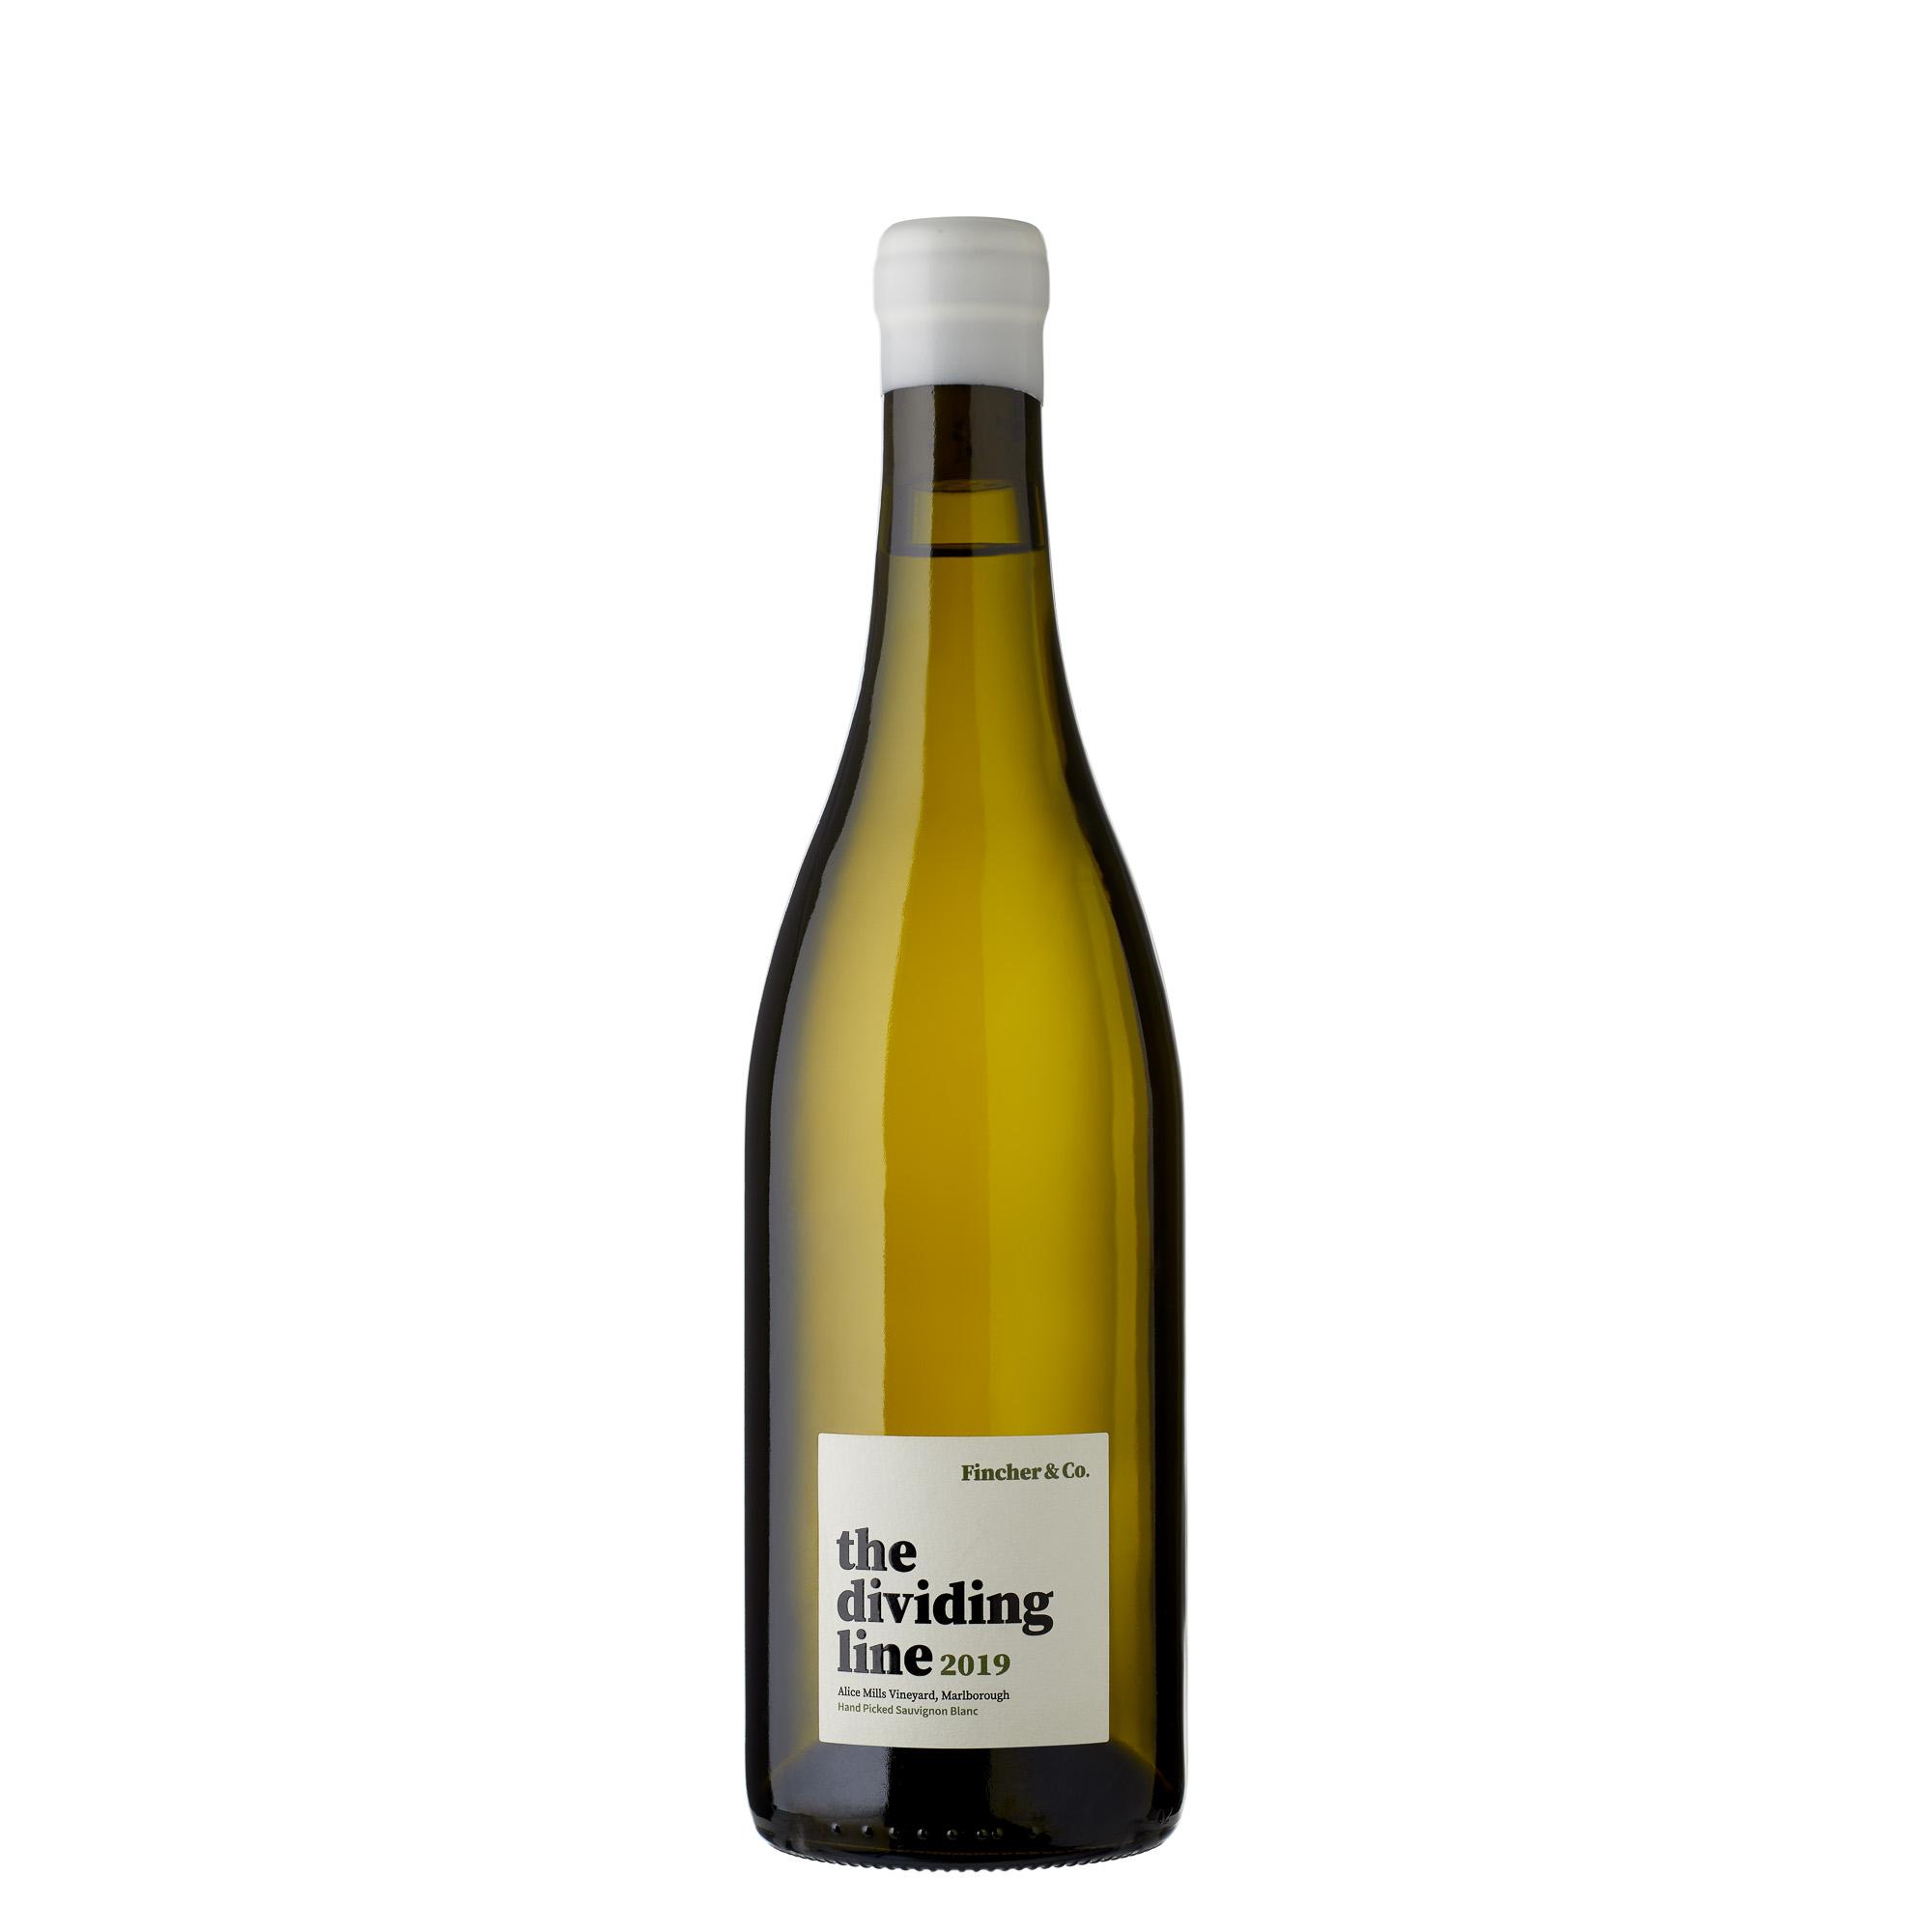 Fincher & Co. The Dividing Line, Sauvignon Blanc